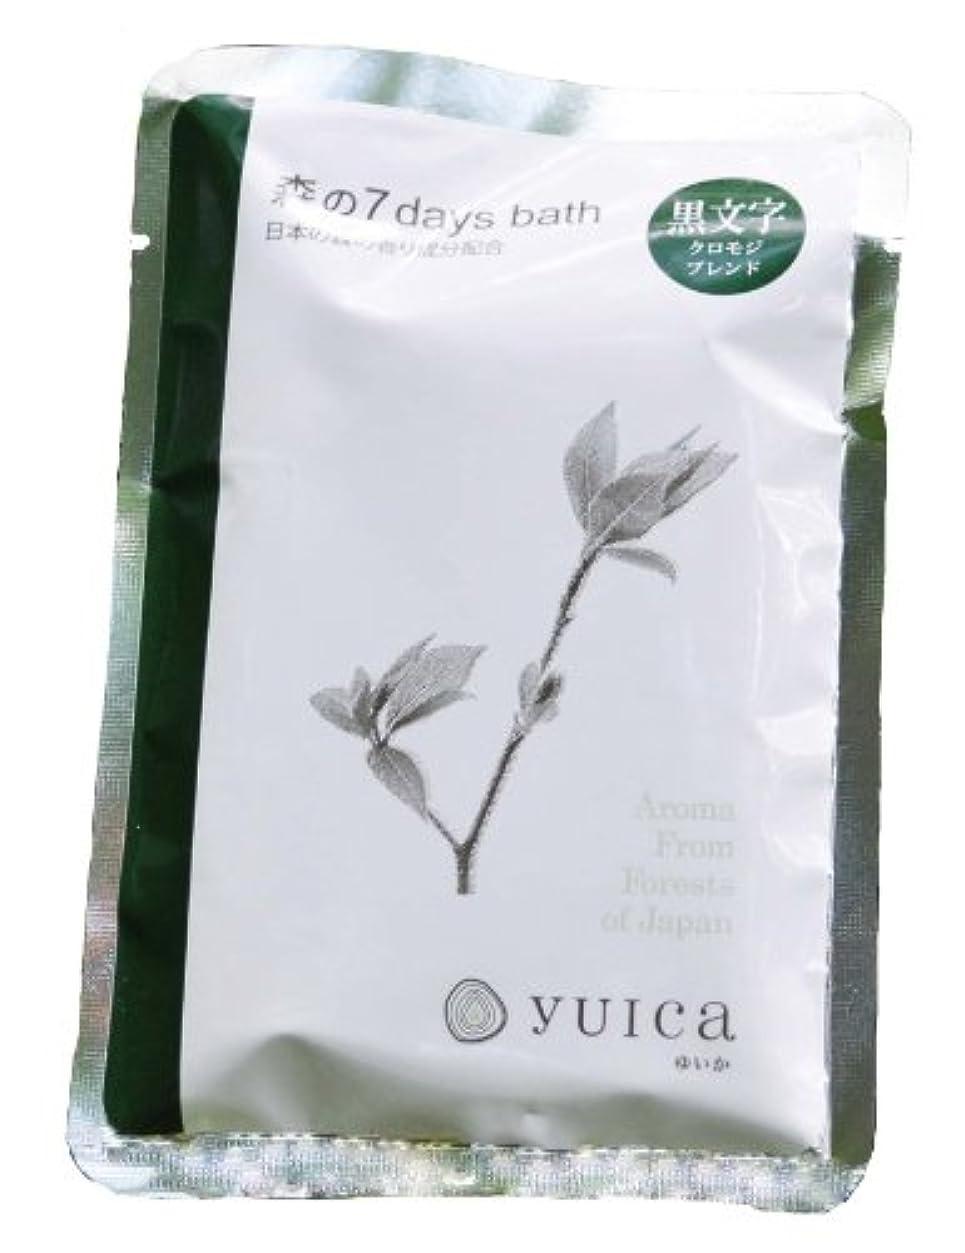 静的登る瞑想的yuica 森の7 days bath(入浴パウダー)やすらぎの香り(クロモジブレンド) 60g